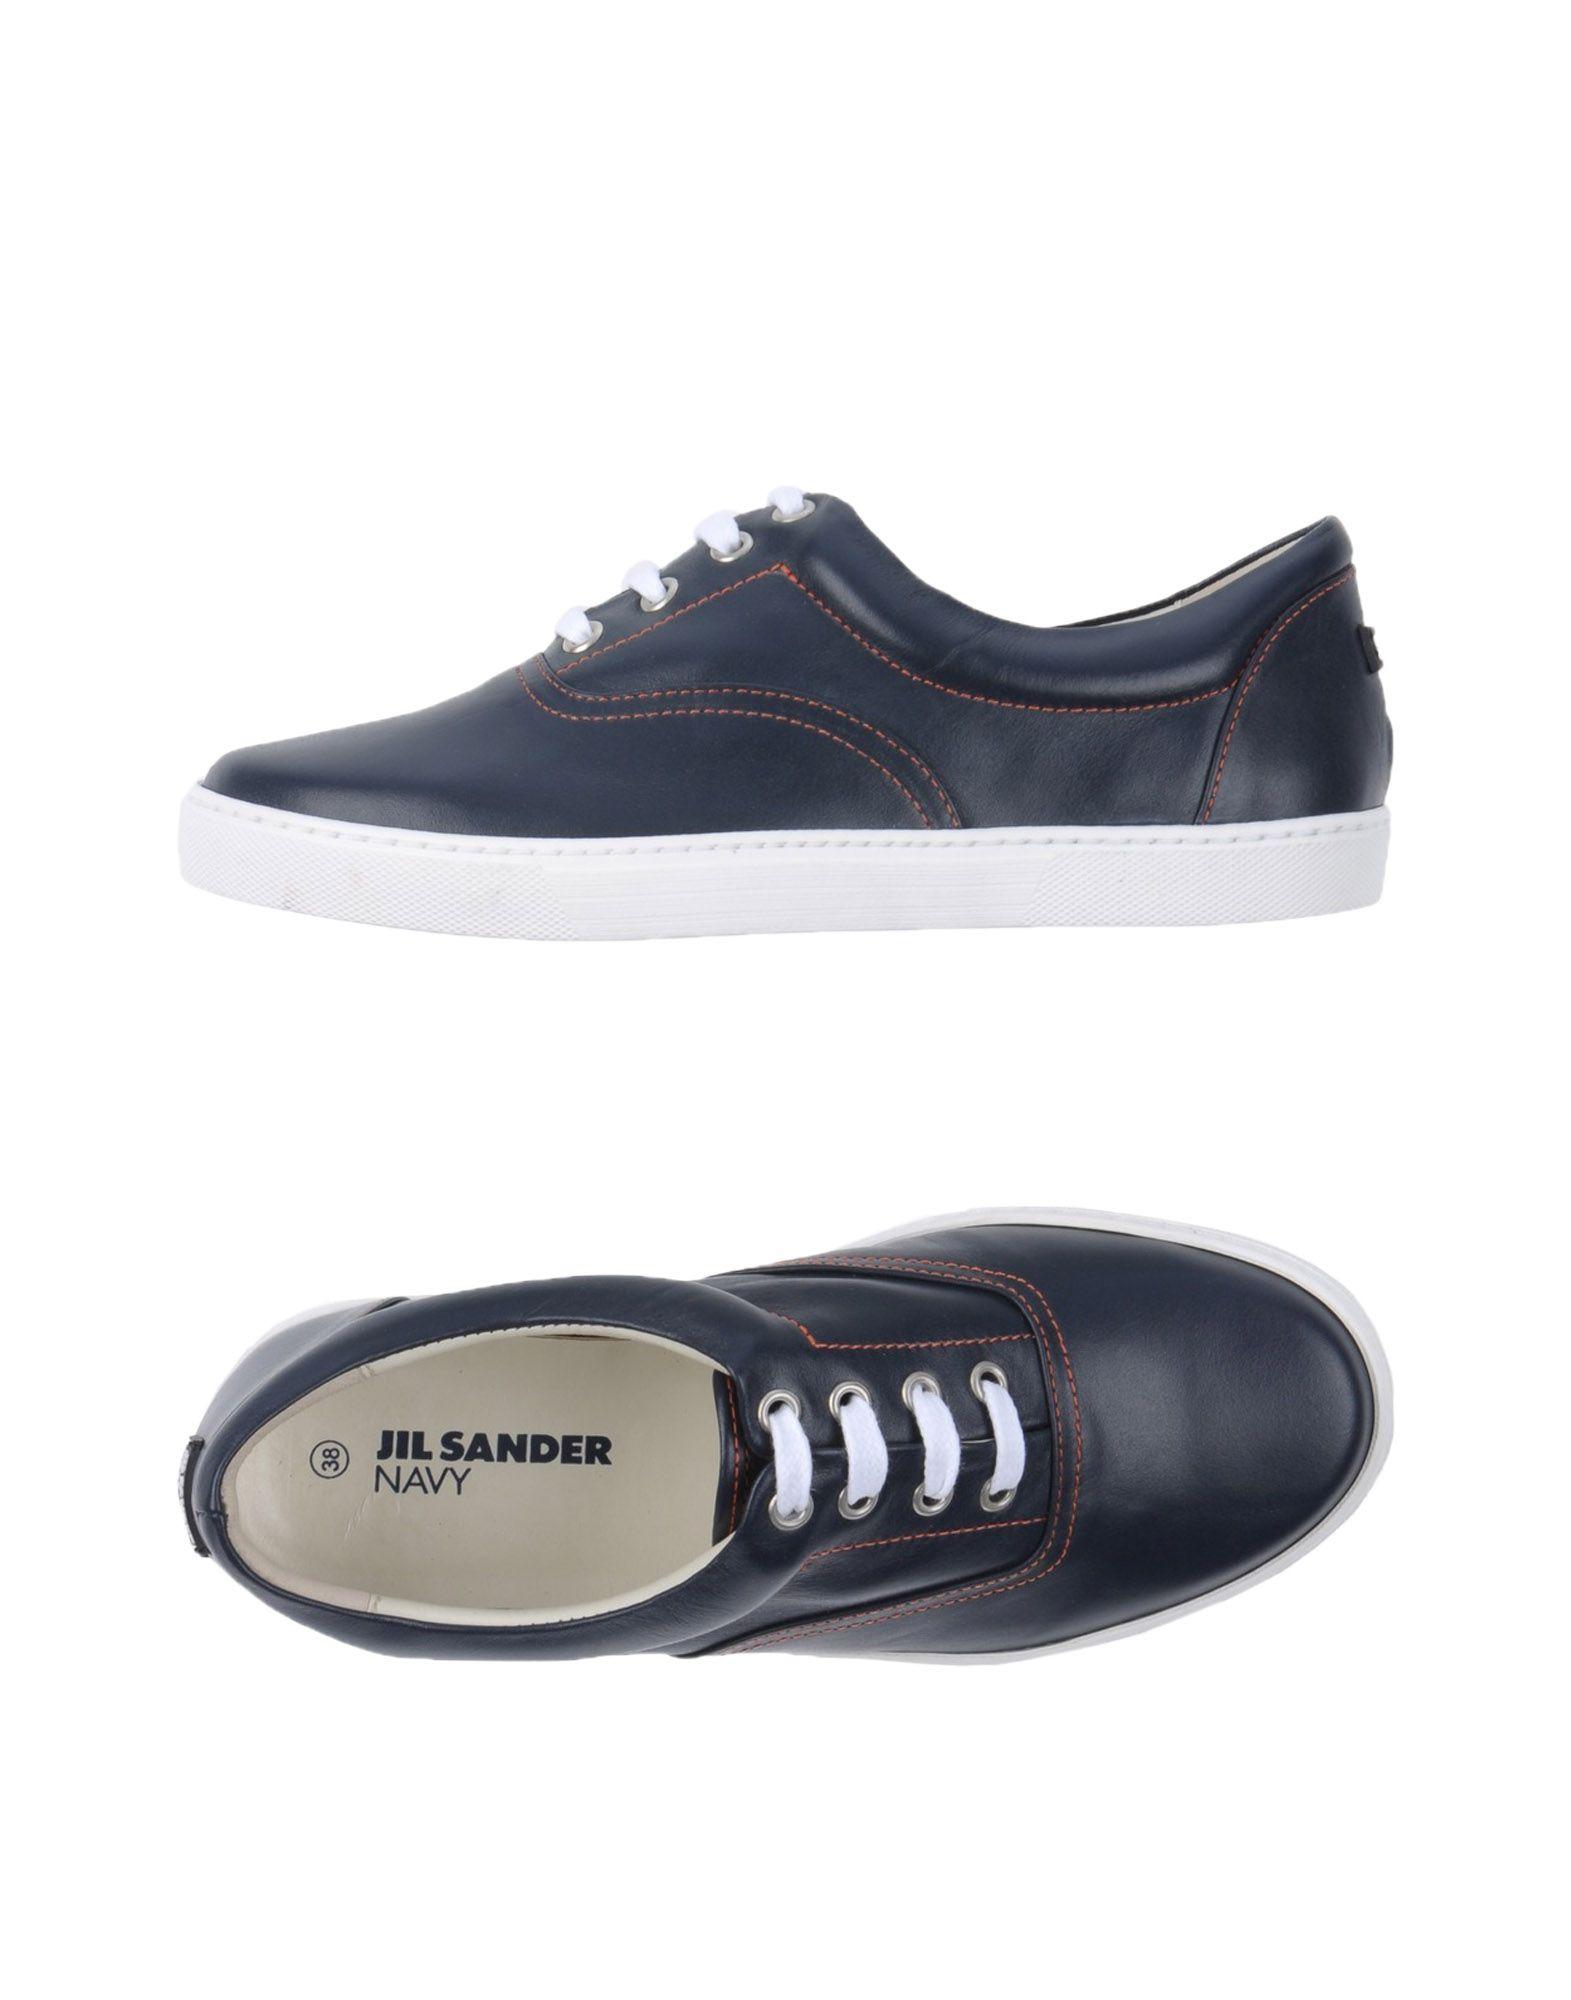 Jil Sander Navy Sneakers Damen  11174445VC Gute Qualität beliebte Schuhe